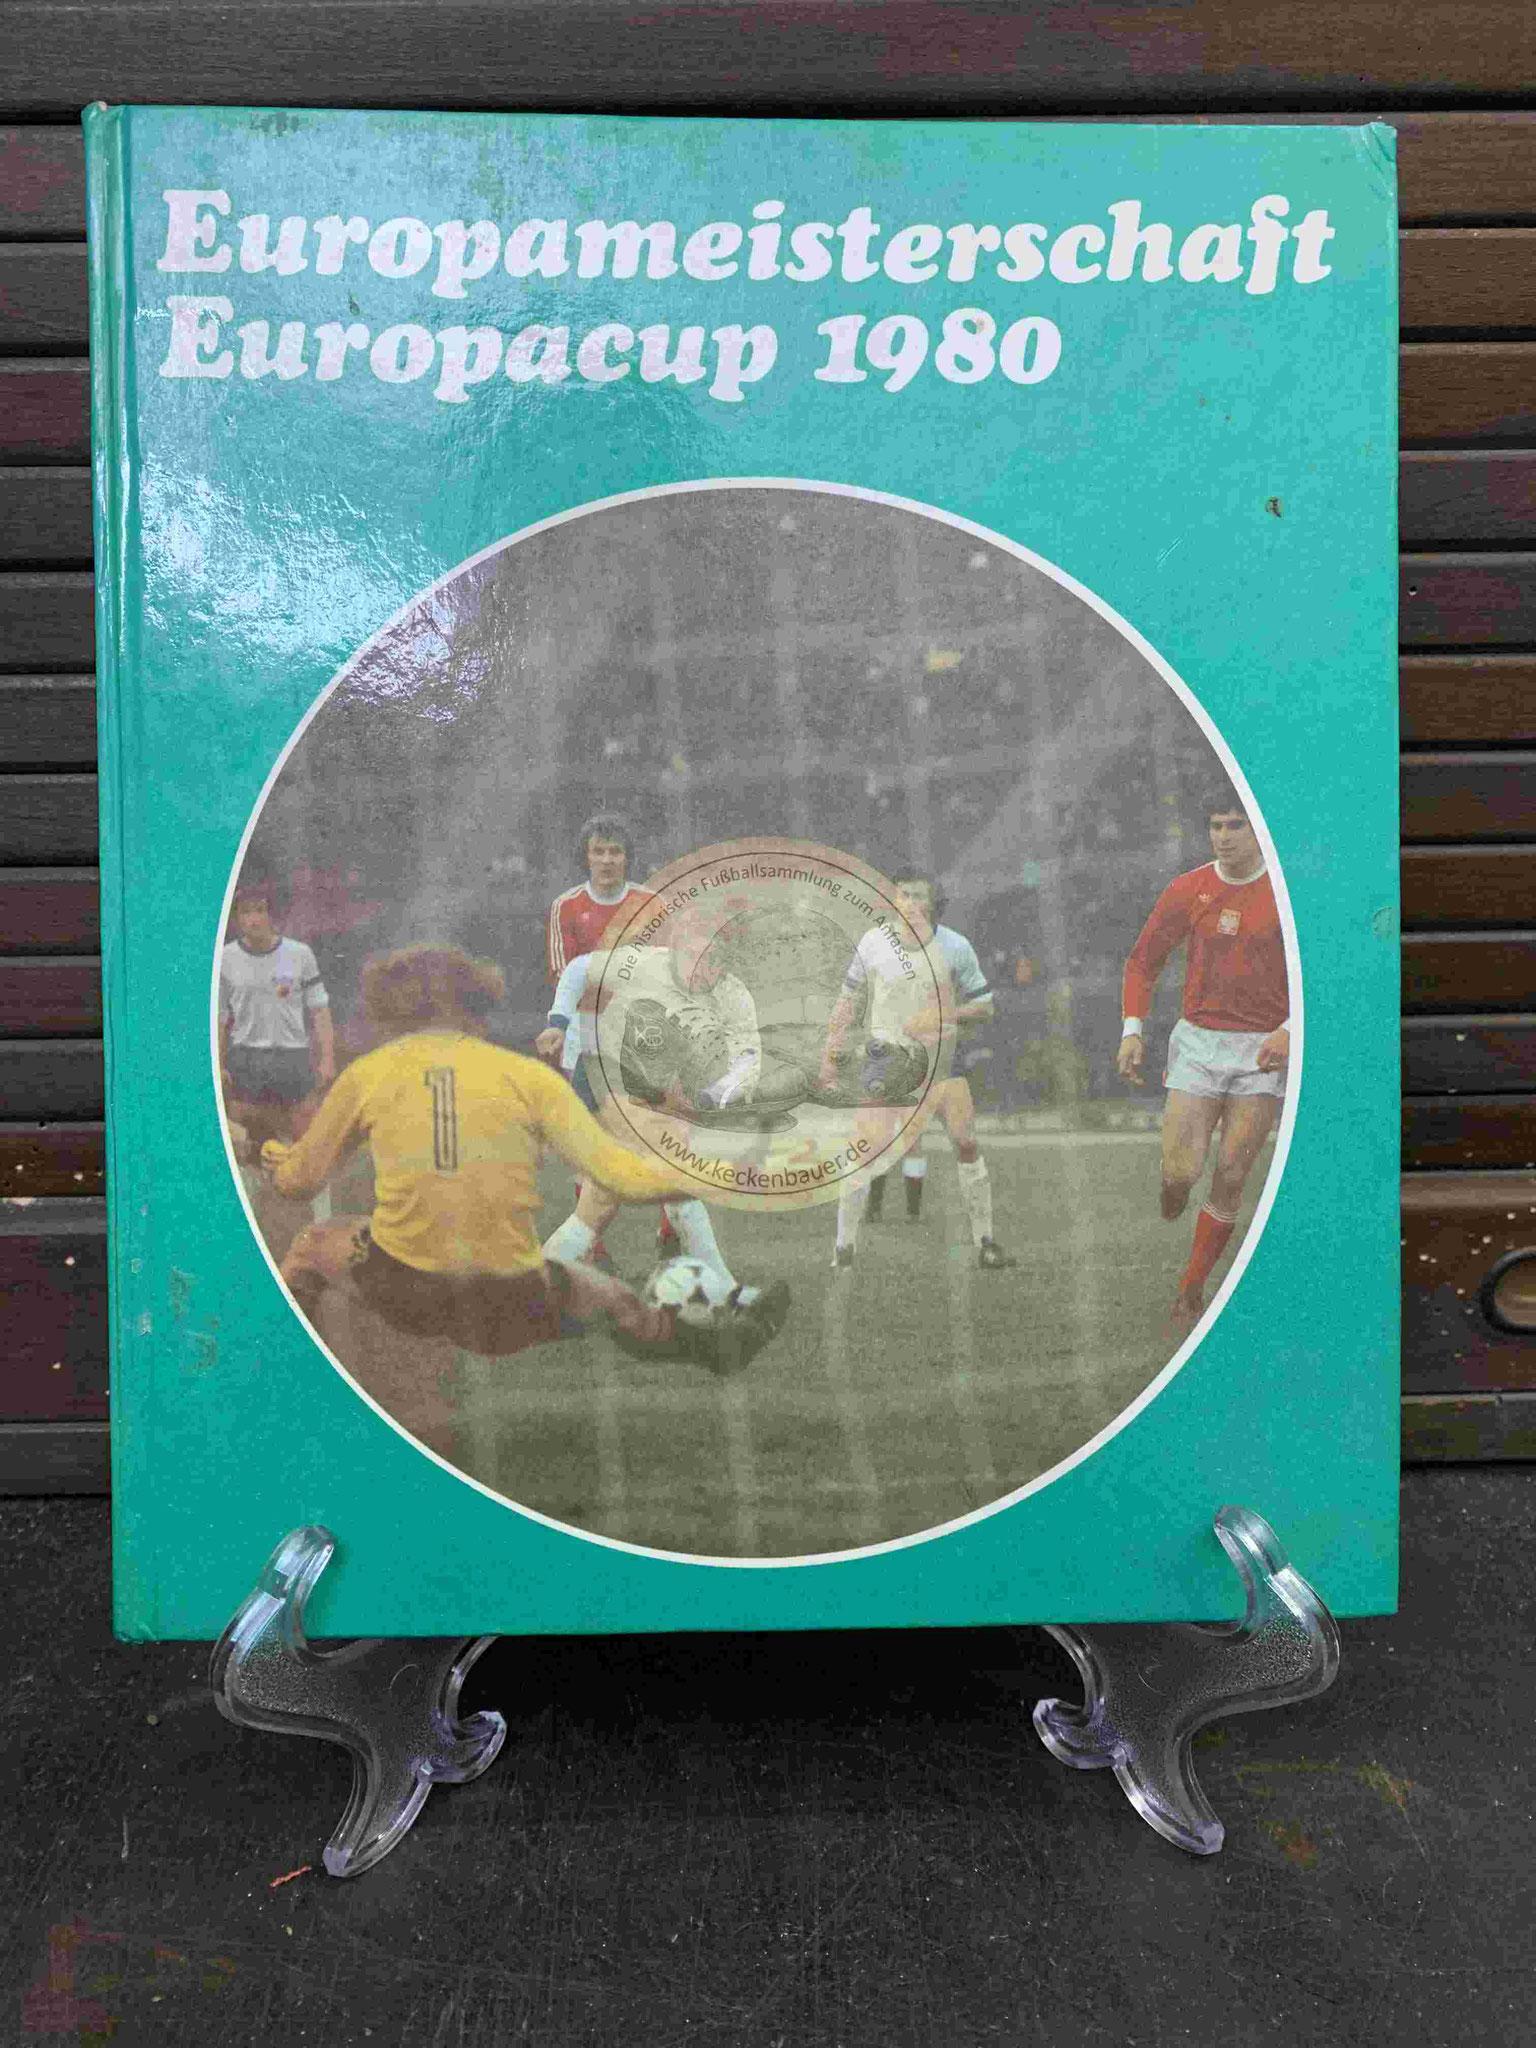 Europameisterschaft Europacup 1980 aus dem Jahr 1981